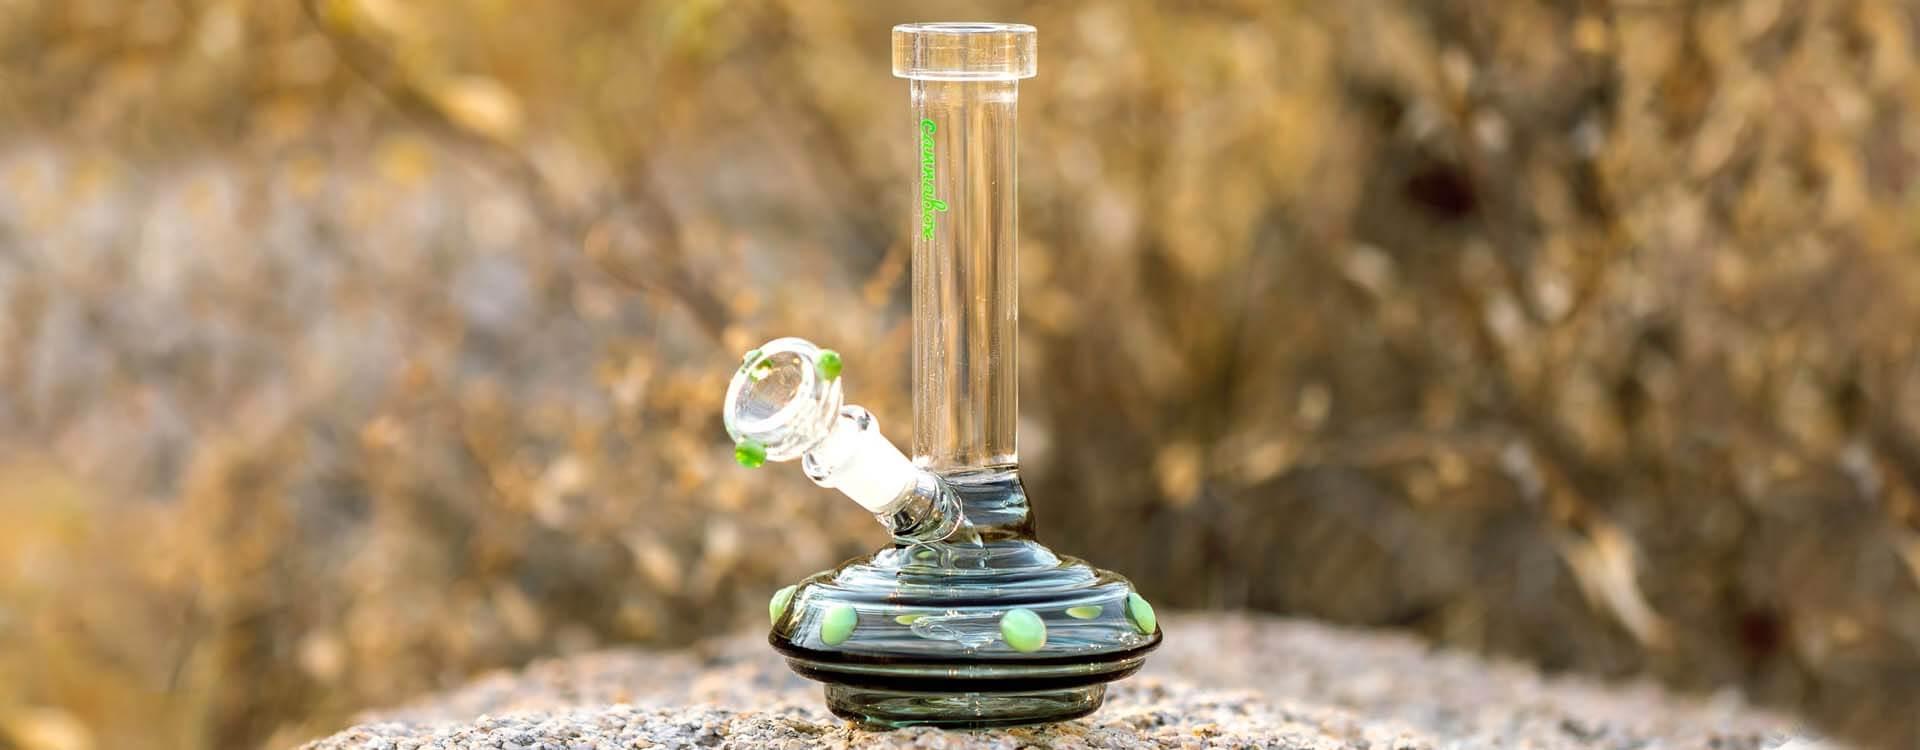 Sklenené mini bongo položené na kameni v prírode